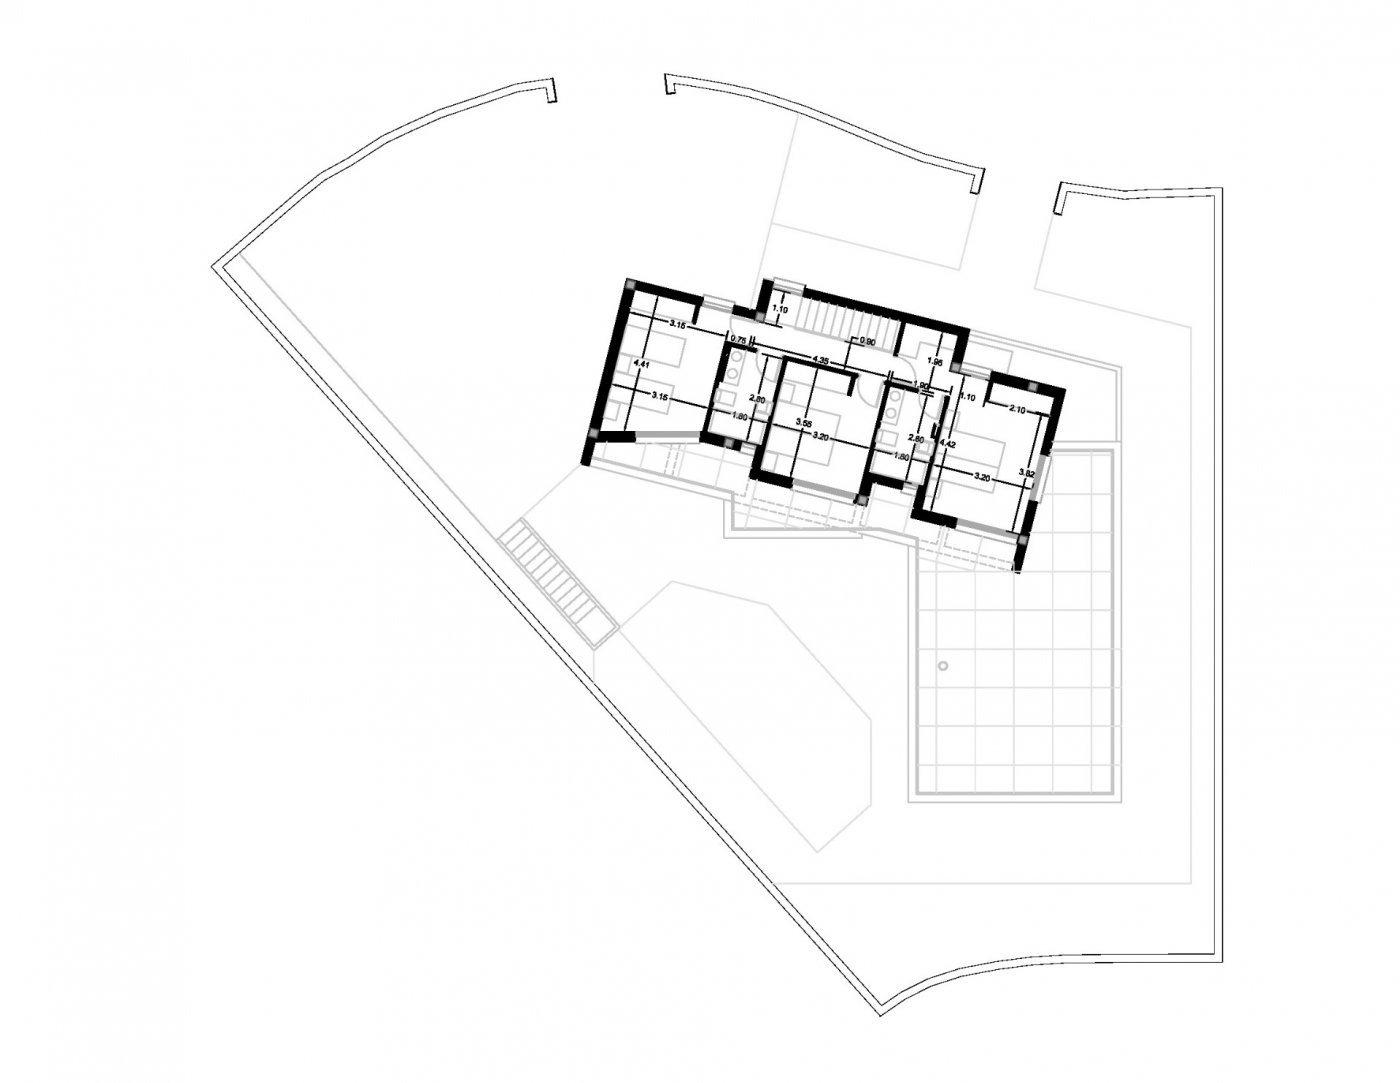 Villa de obra nueva de estilo moderno en venta en calpe a 600 m de la playa - imagenInmueble26